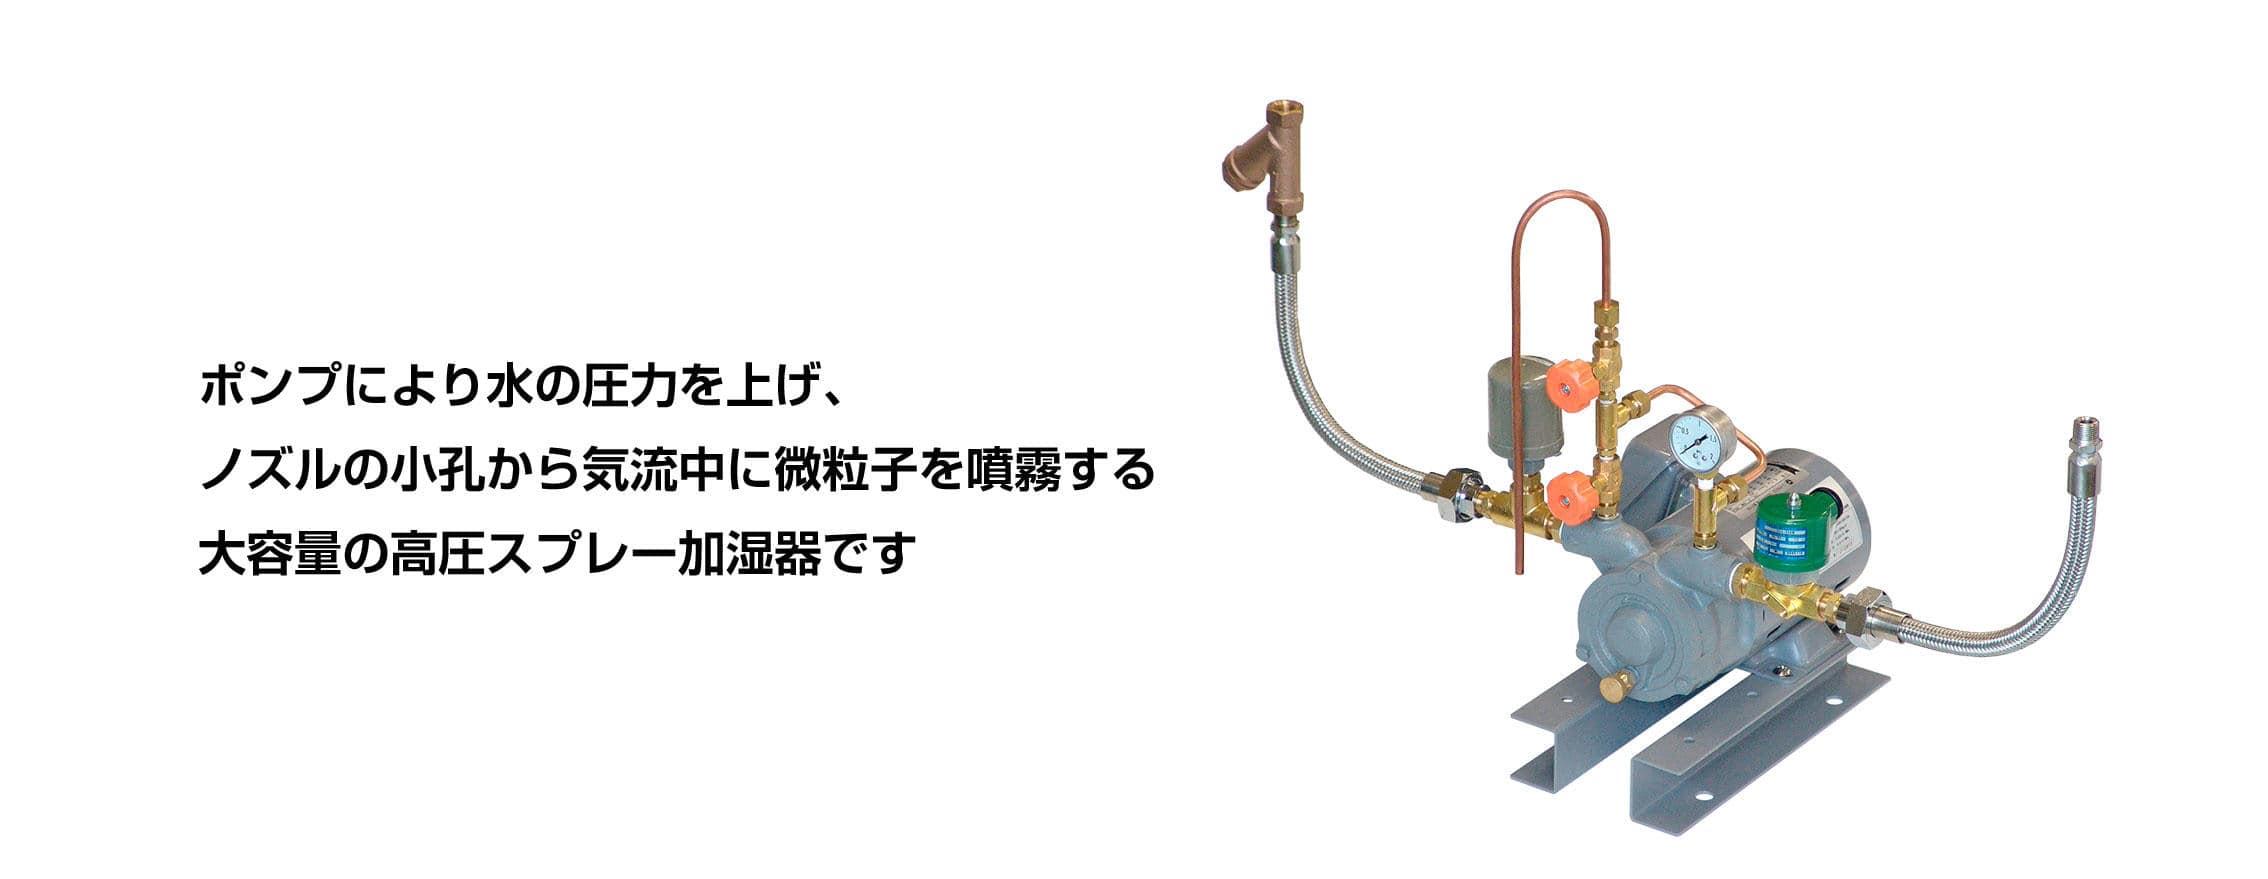 高圧スプレー式加湿器JSH